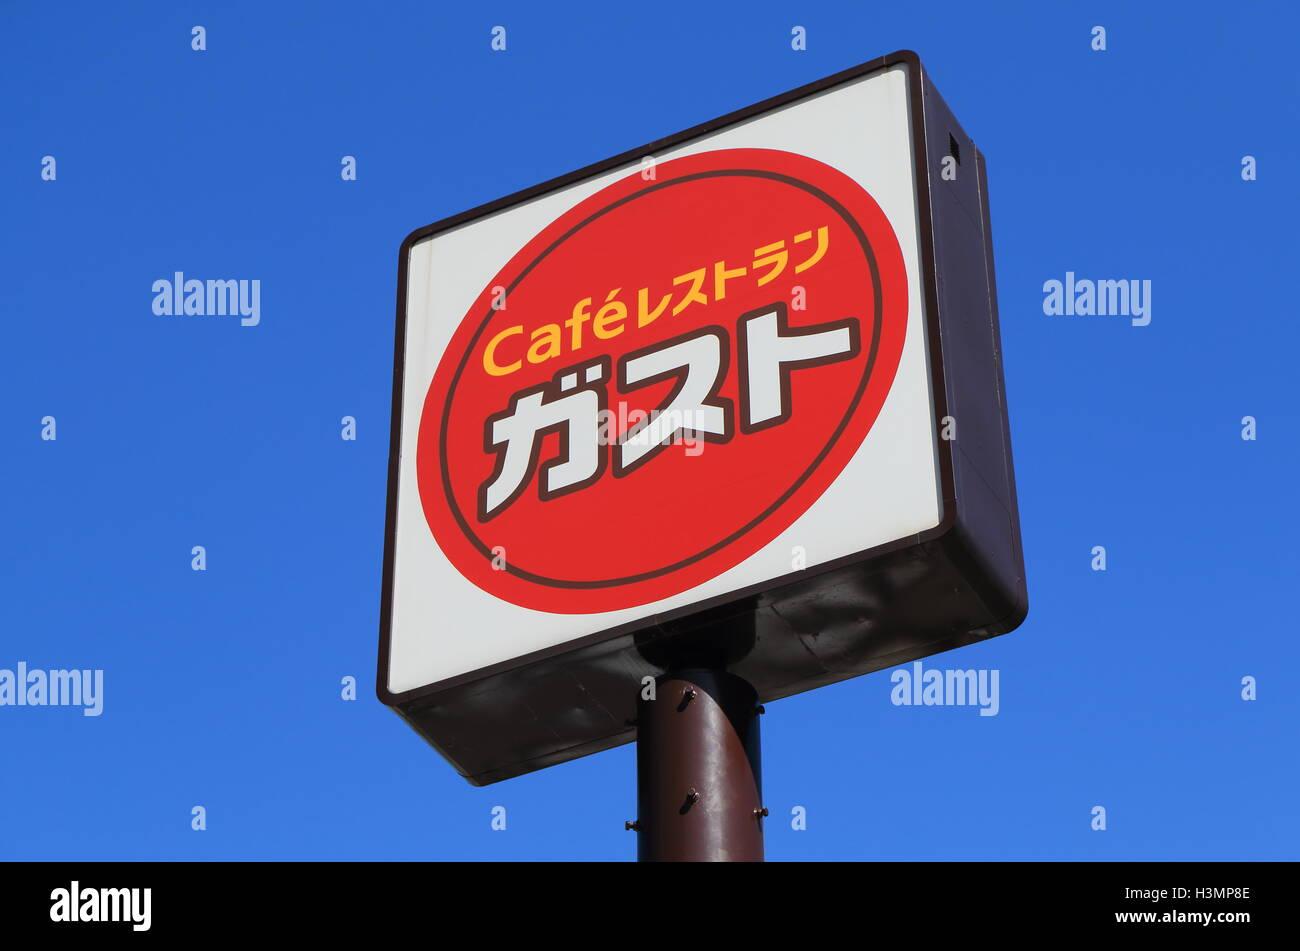 Japanese family restaurant Gusto sign. - Stock Image